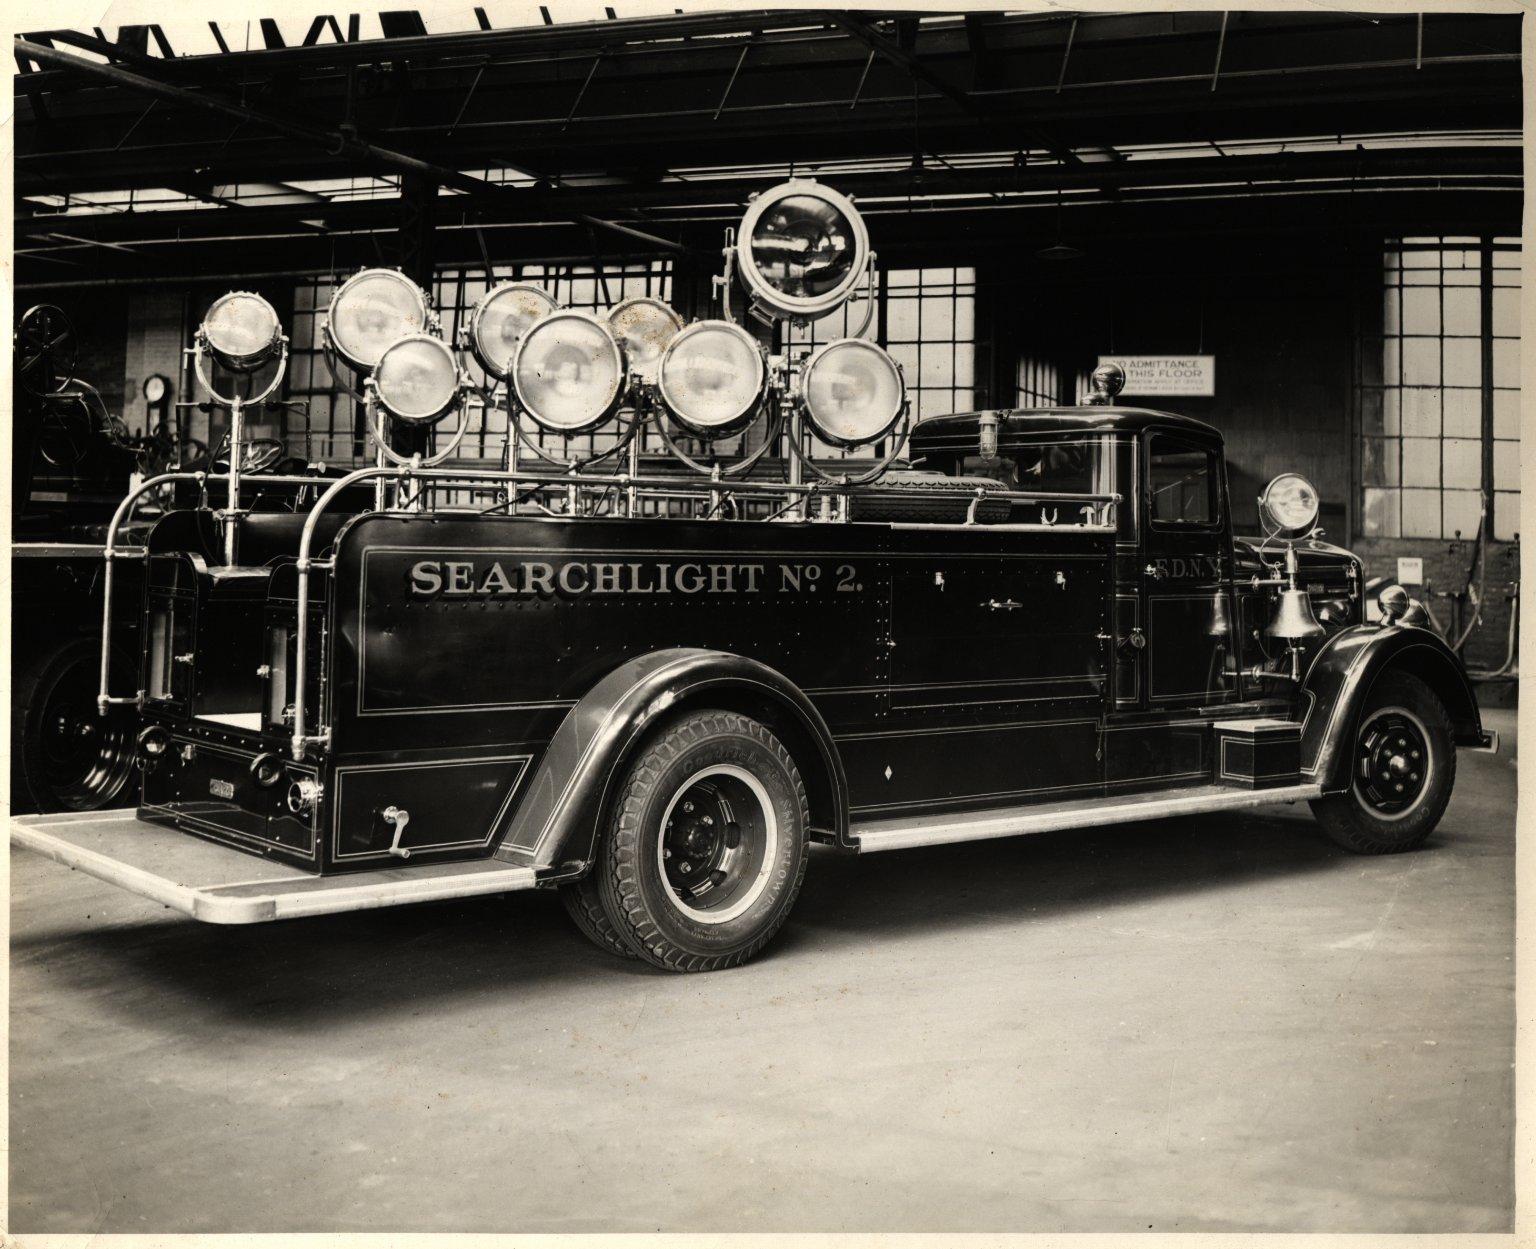 Автомобиль освещения с 9 прожекторами в гараже пожарного коллежда. Нью-Йорк, США. 1930-е